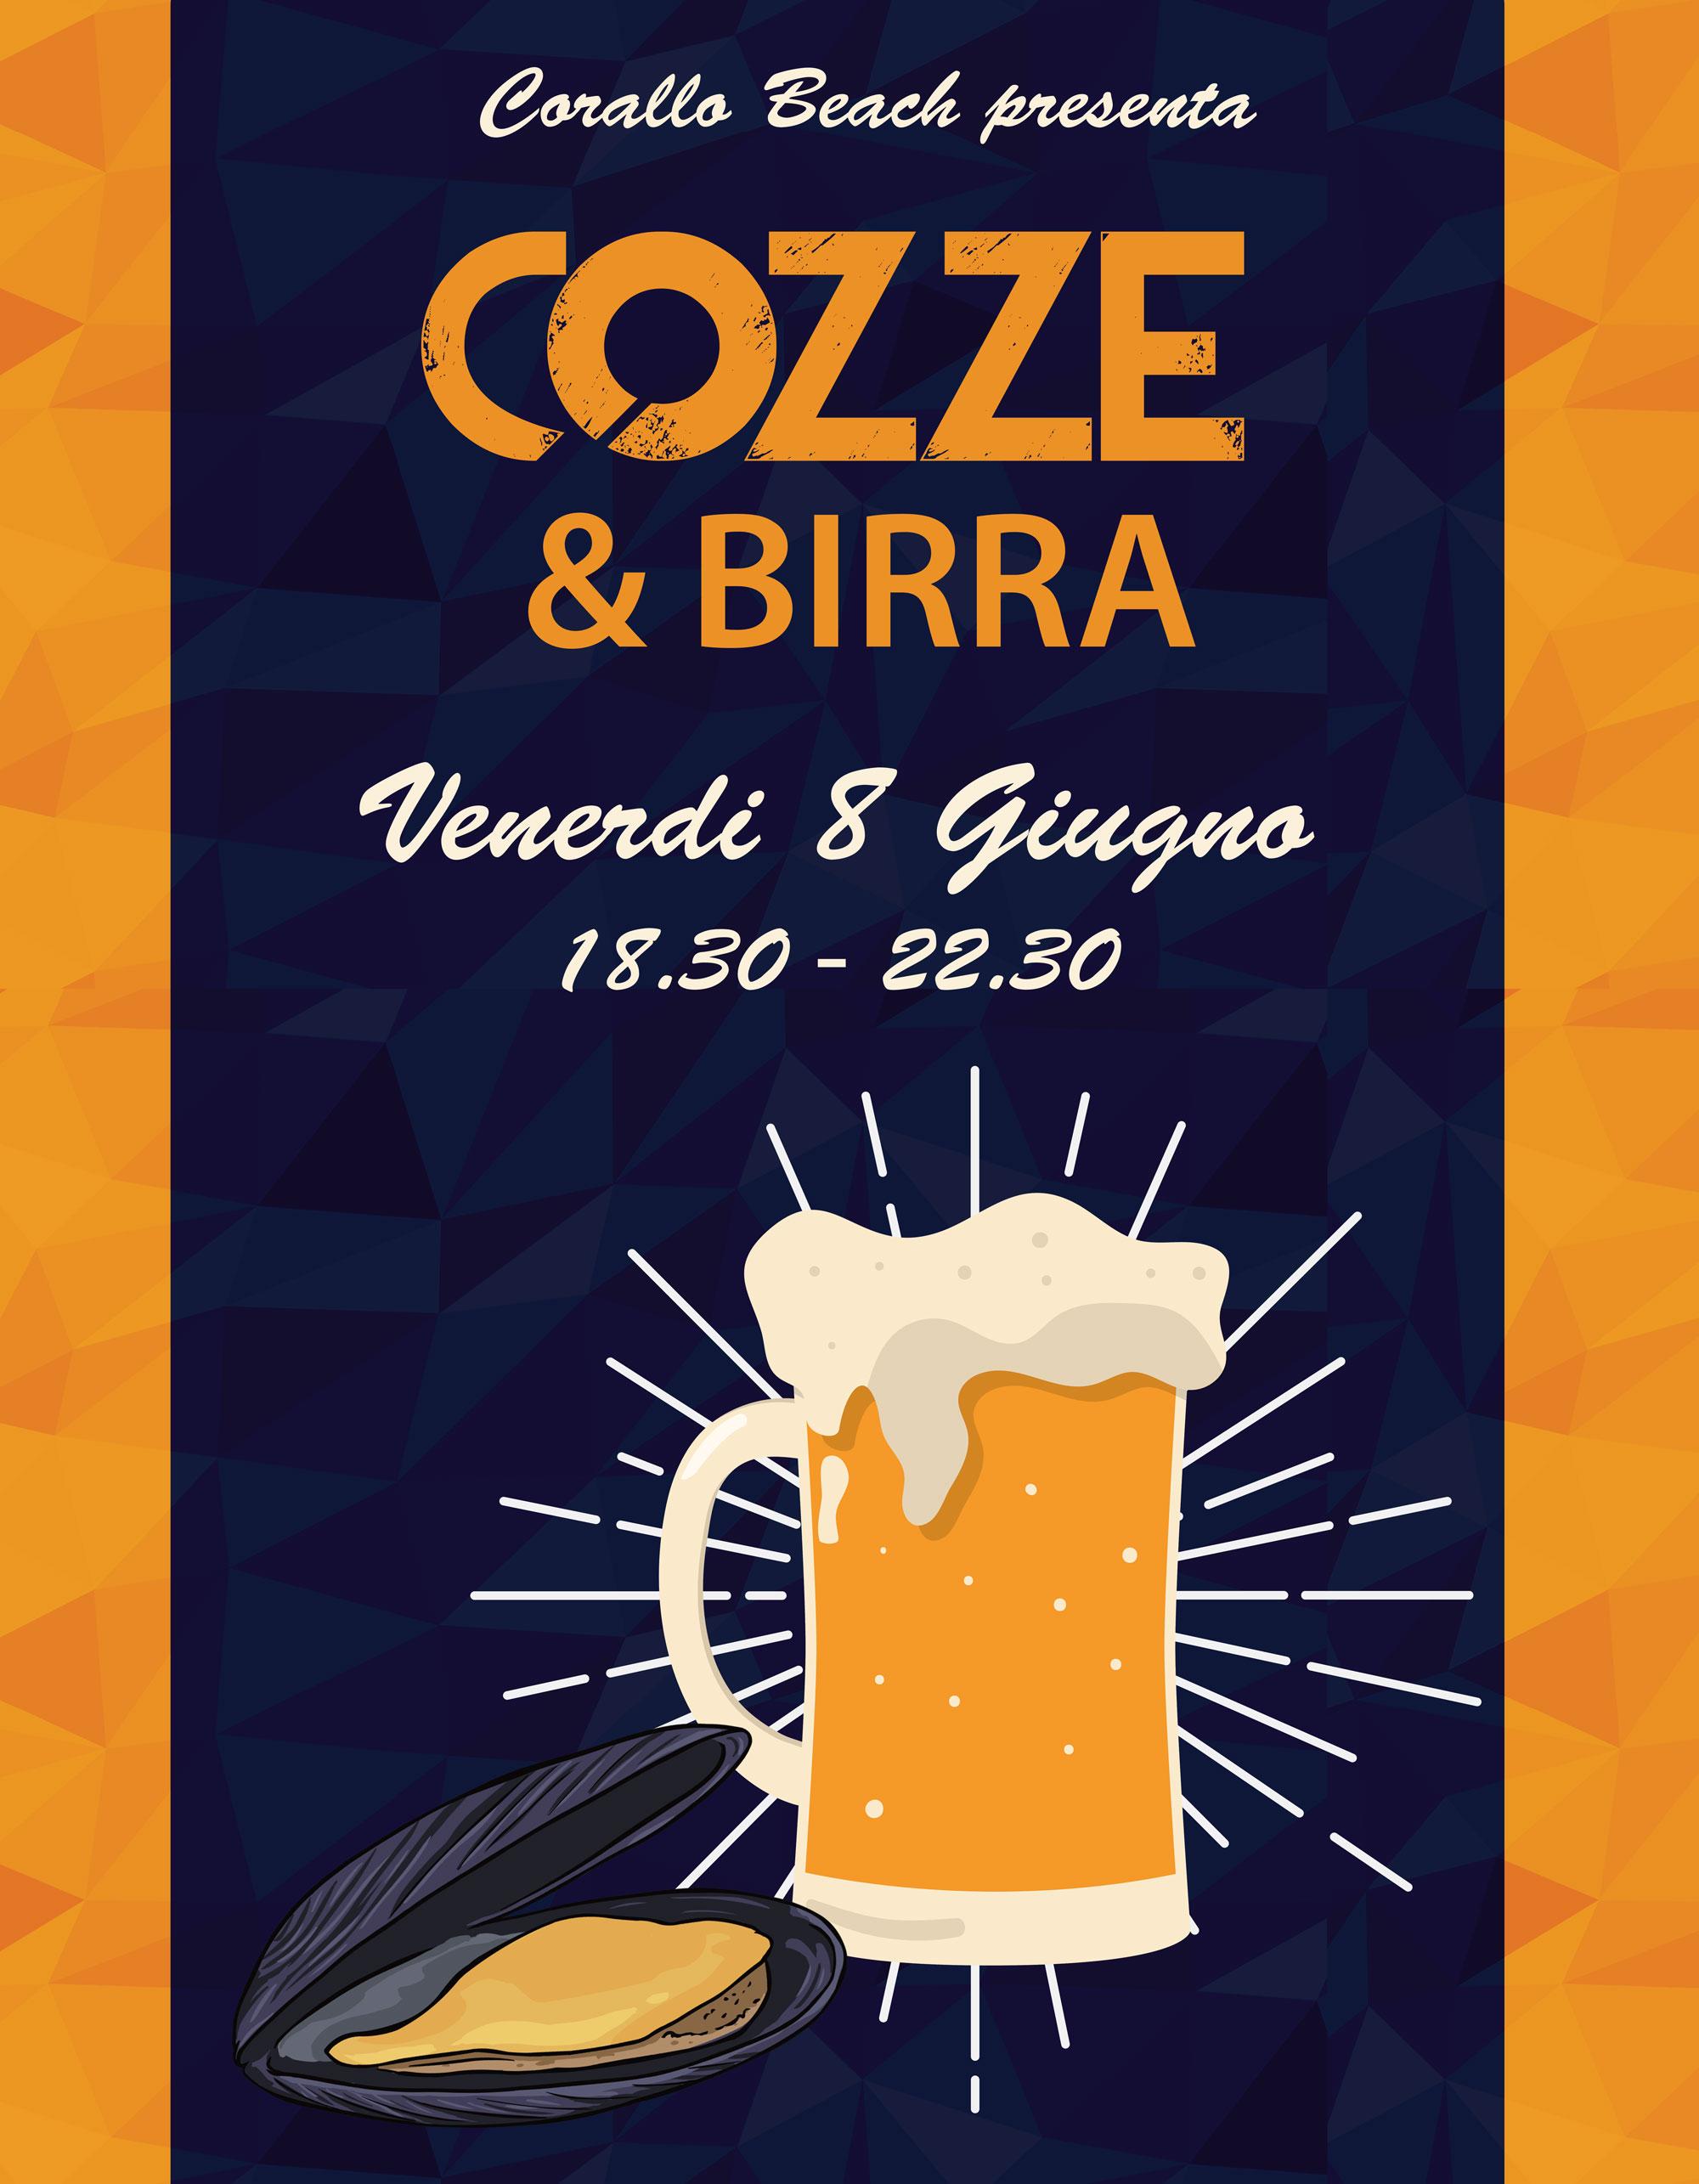 Cozze & Birra